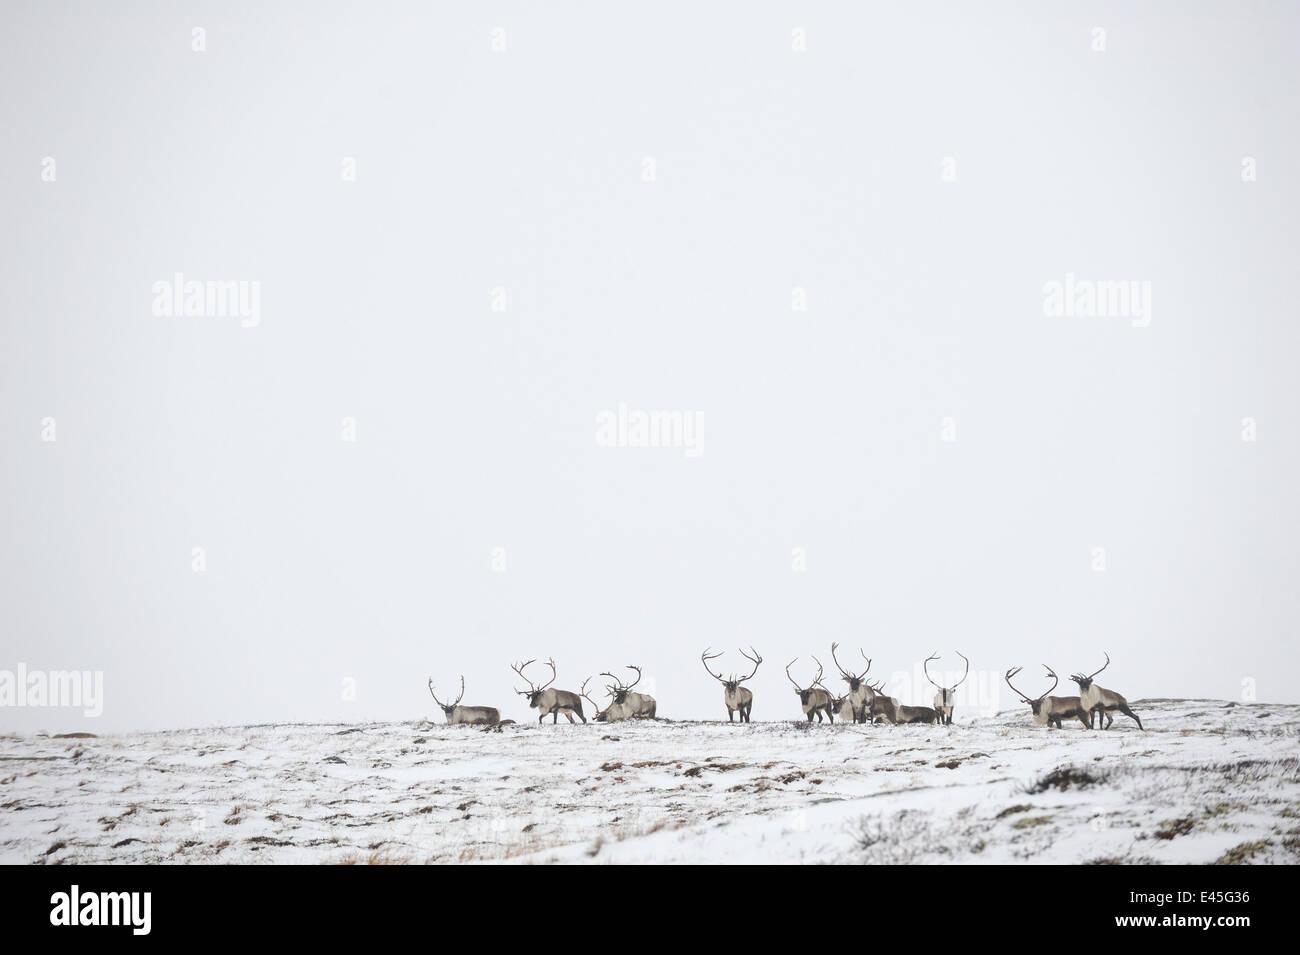 Le renne (Rangifer tarandus) troupeau en distance dans la neige, le Parc National de Forollhogna, Norvège, septembre Banque D'Images